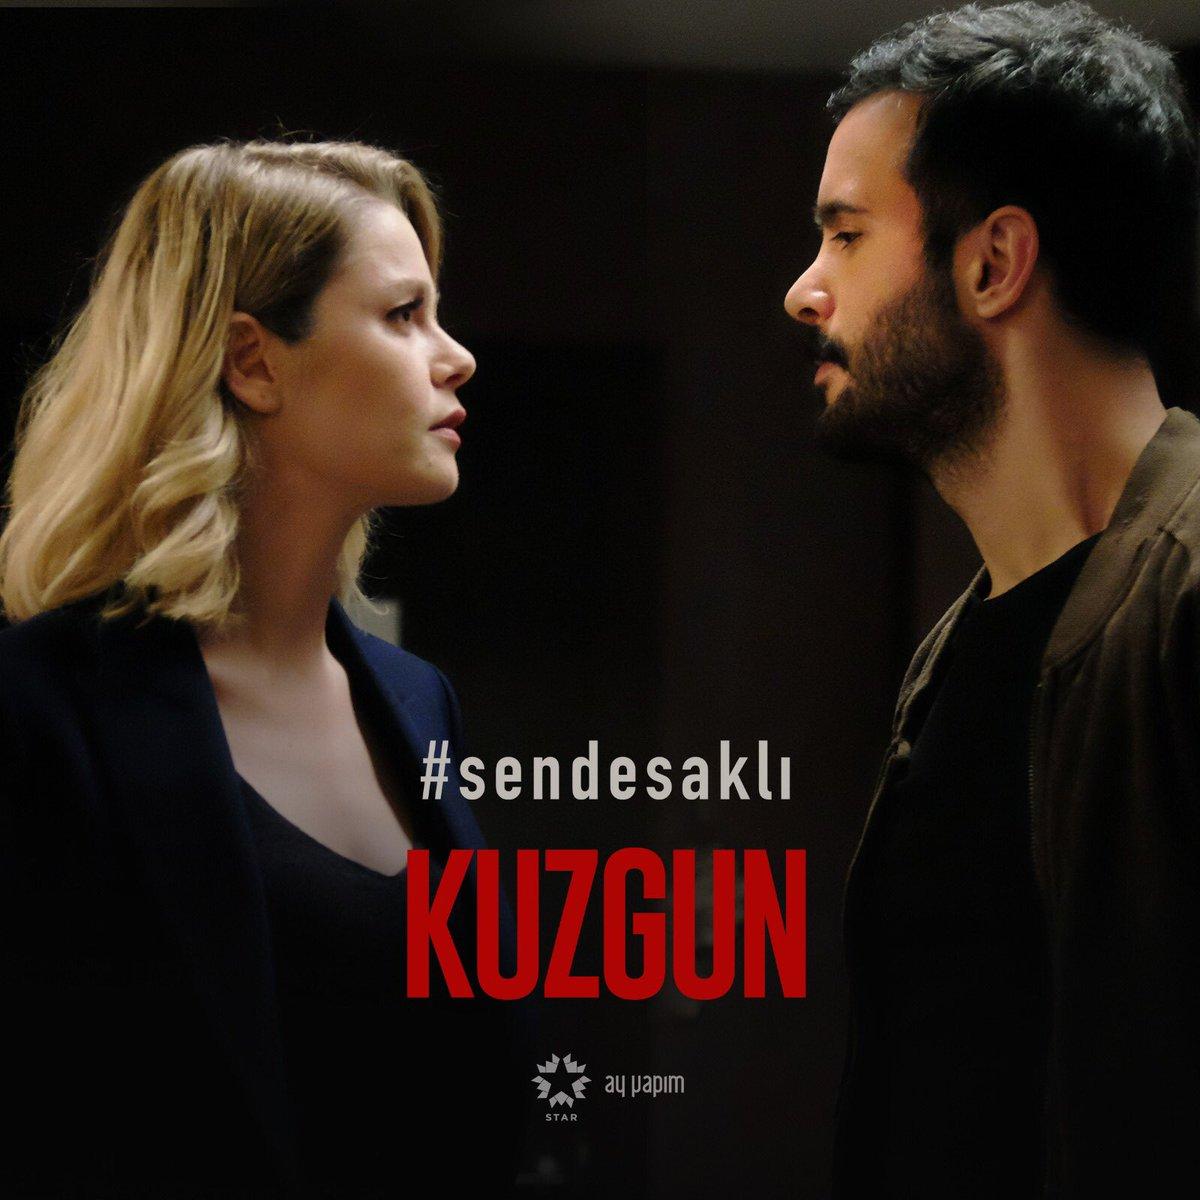 خلاصه داستان سریال کلاغ سیاه Kuzgun + قسمت آخر